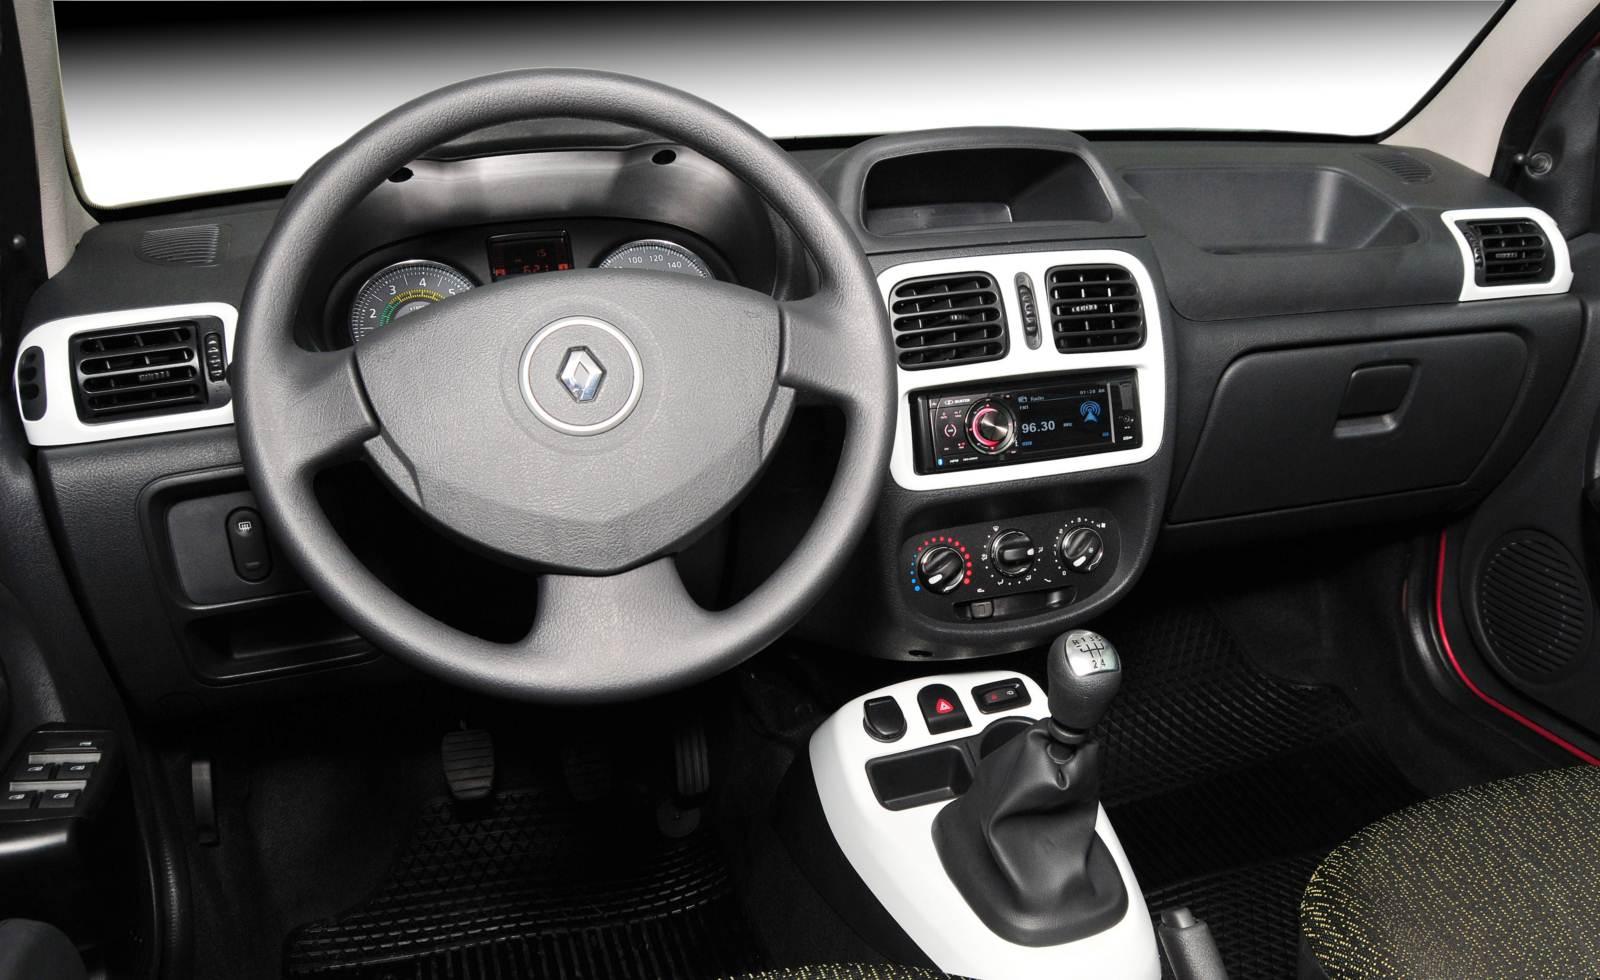 Renault clio 2013 mais econ mico pre os partem de r 23 for Deco interieur 2015